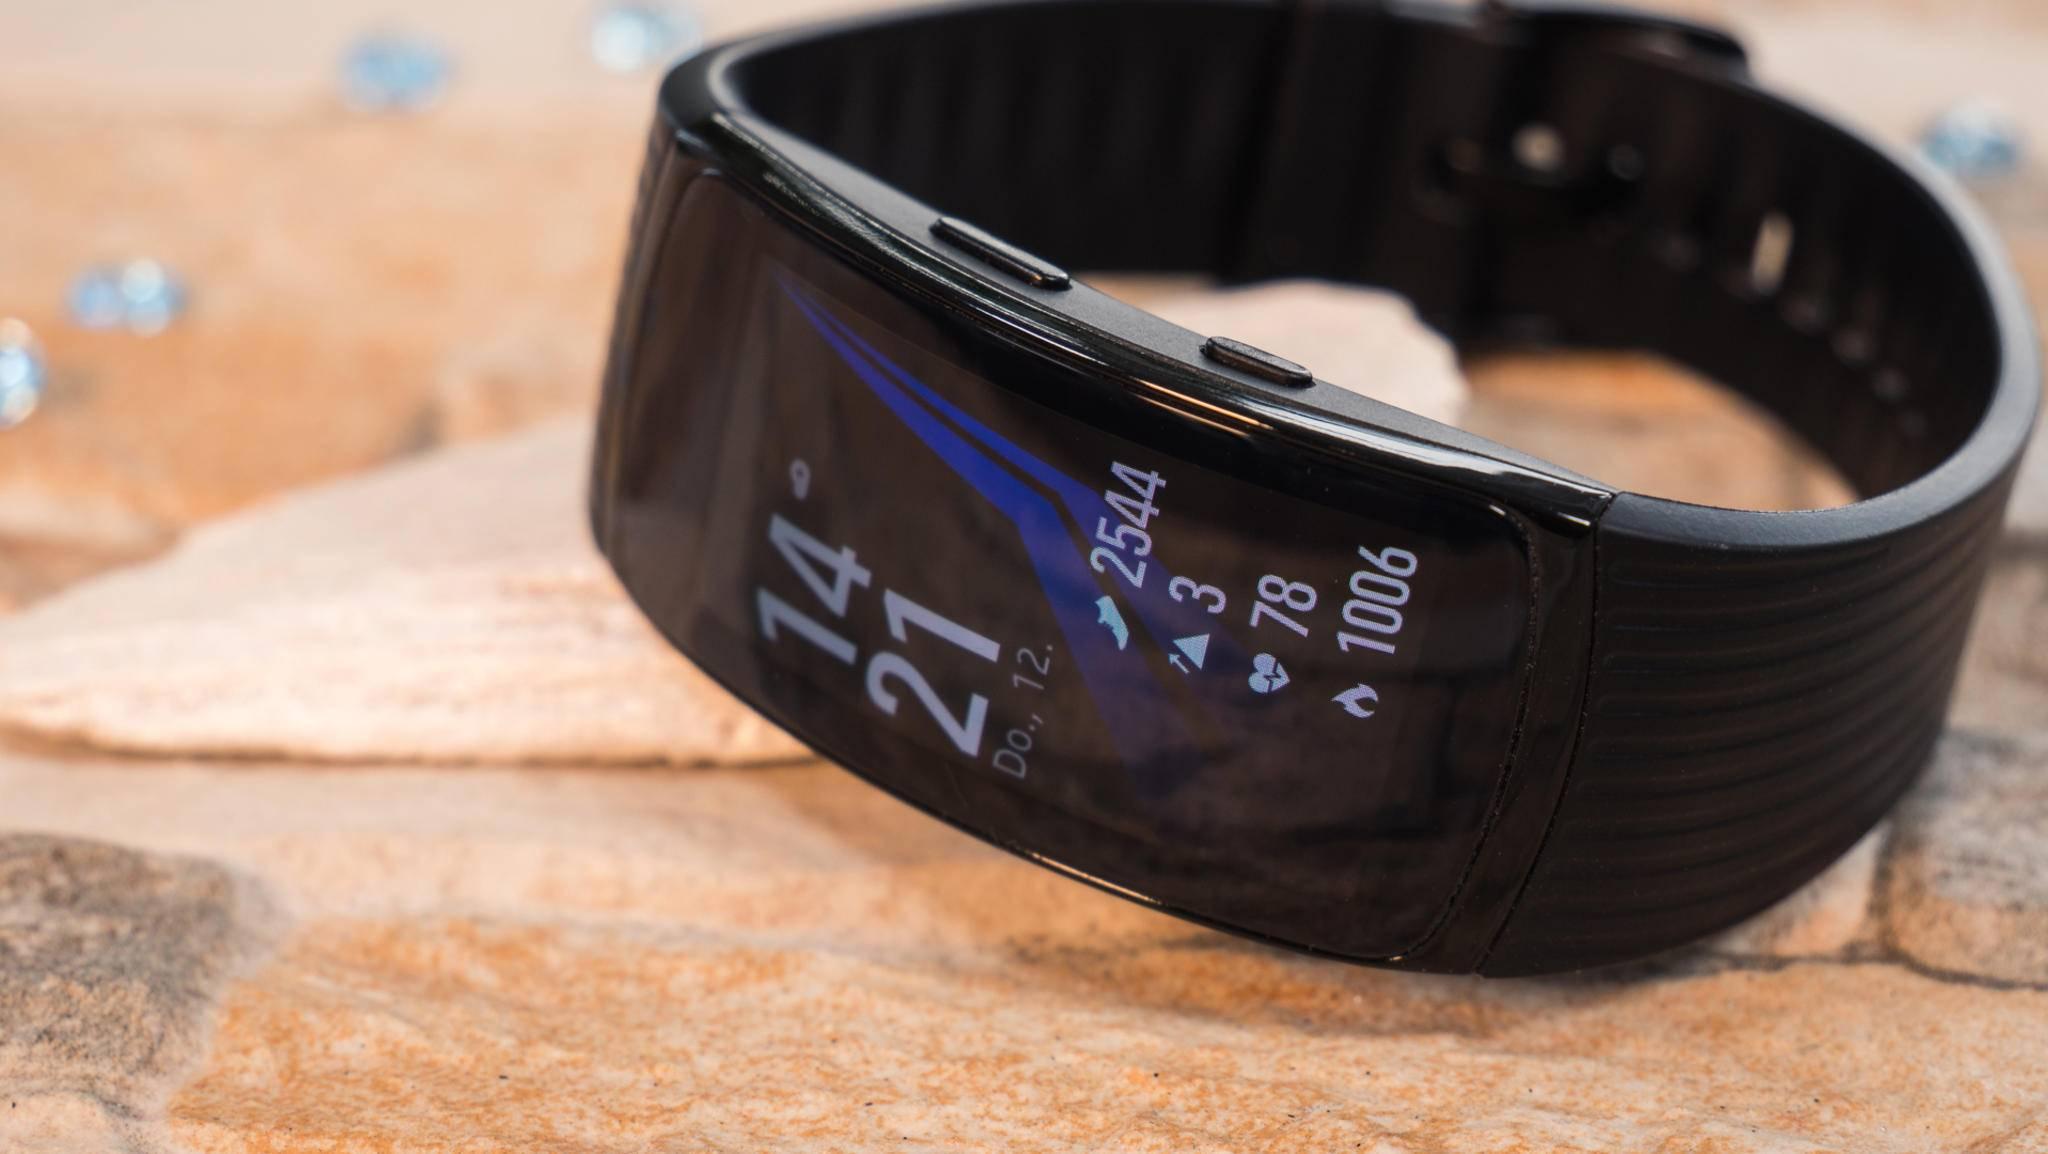 Wird der Samsung Galaxy Fit E dem Vorgängermodell Gear Fit 2 Pro ähneln?